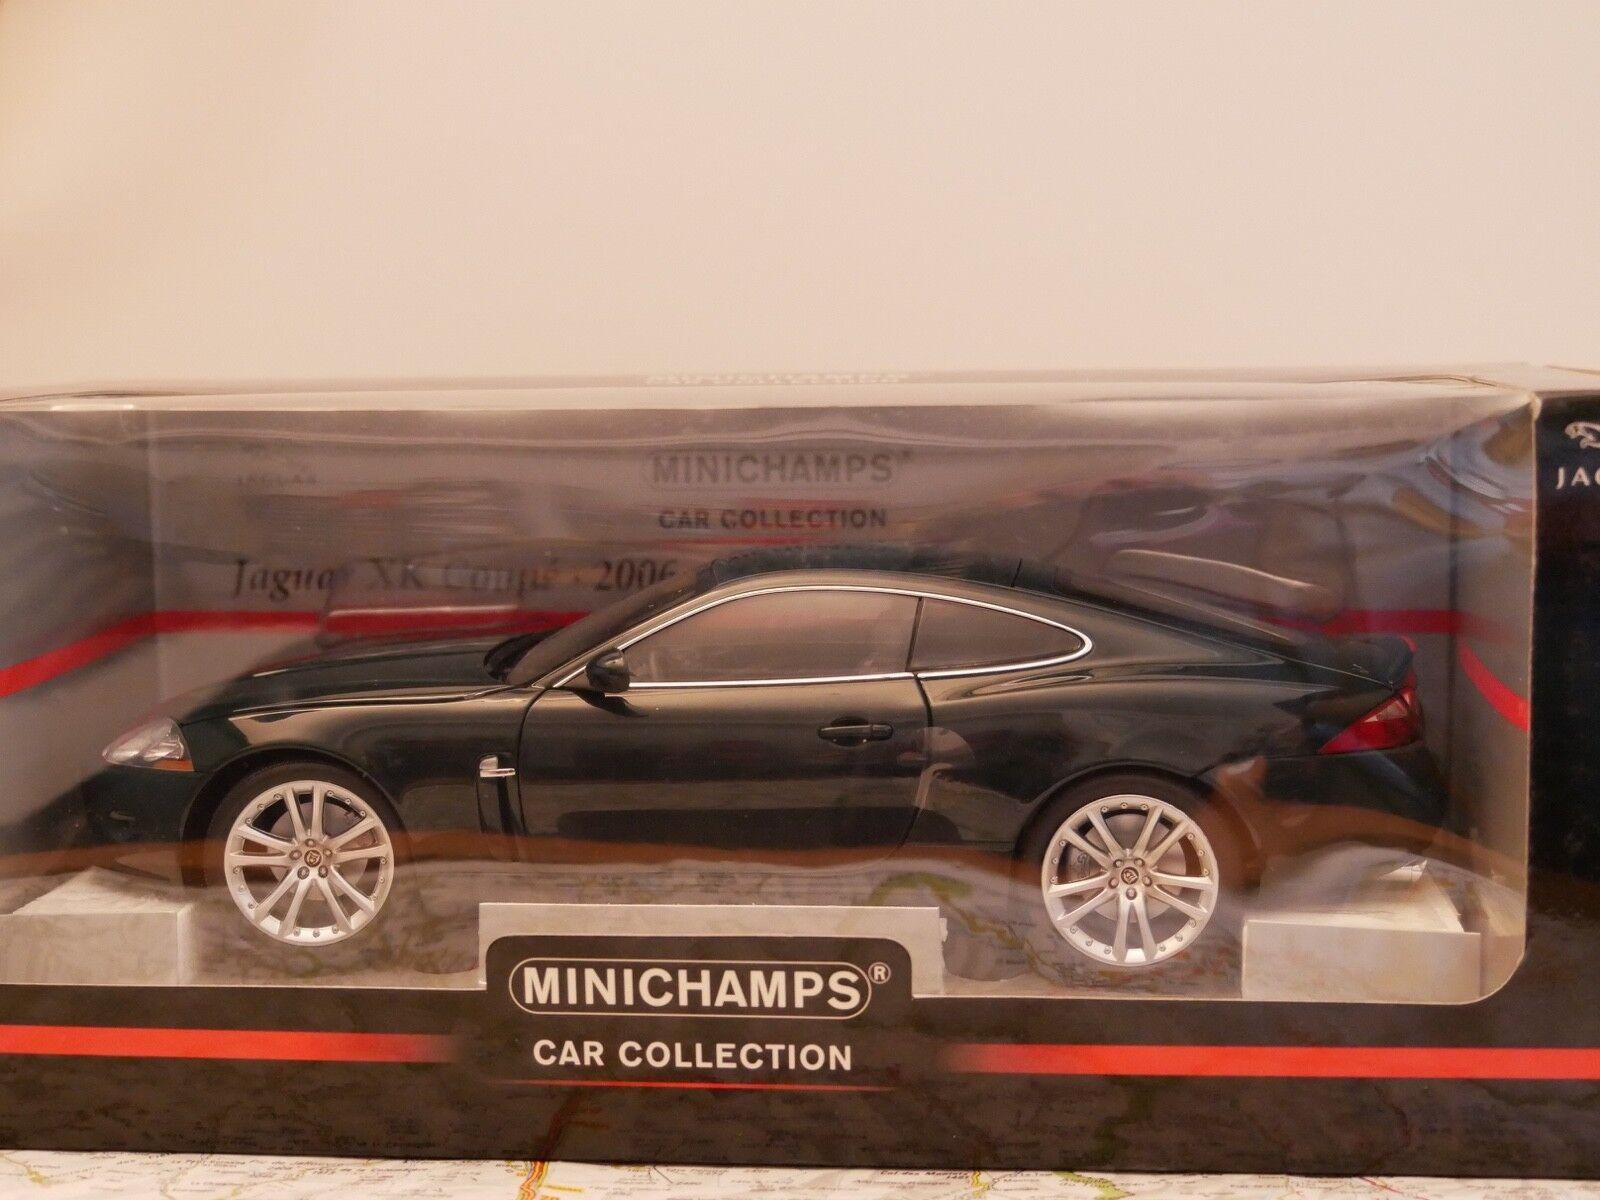 MINICHAMPS Jaguar XK COUPE Grün 2006 ART.150130500  NEW DIE-CAST 1 18